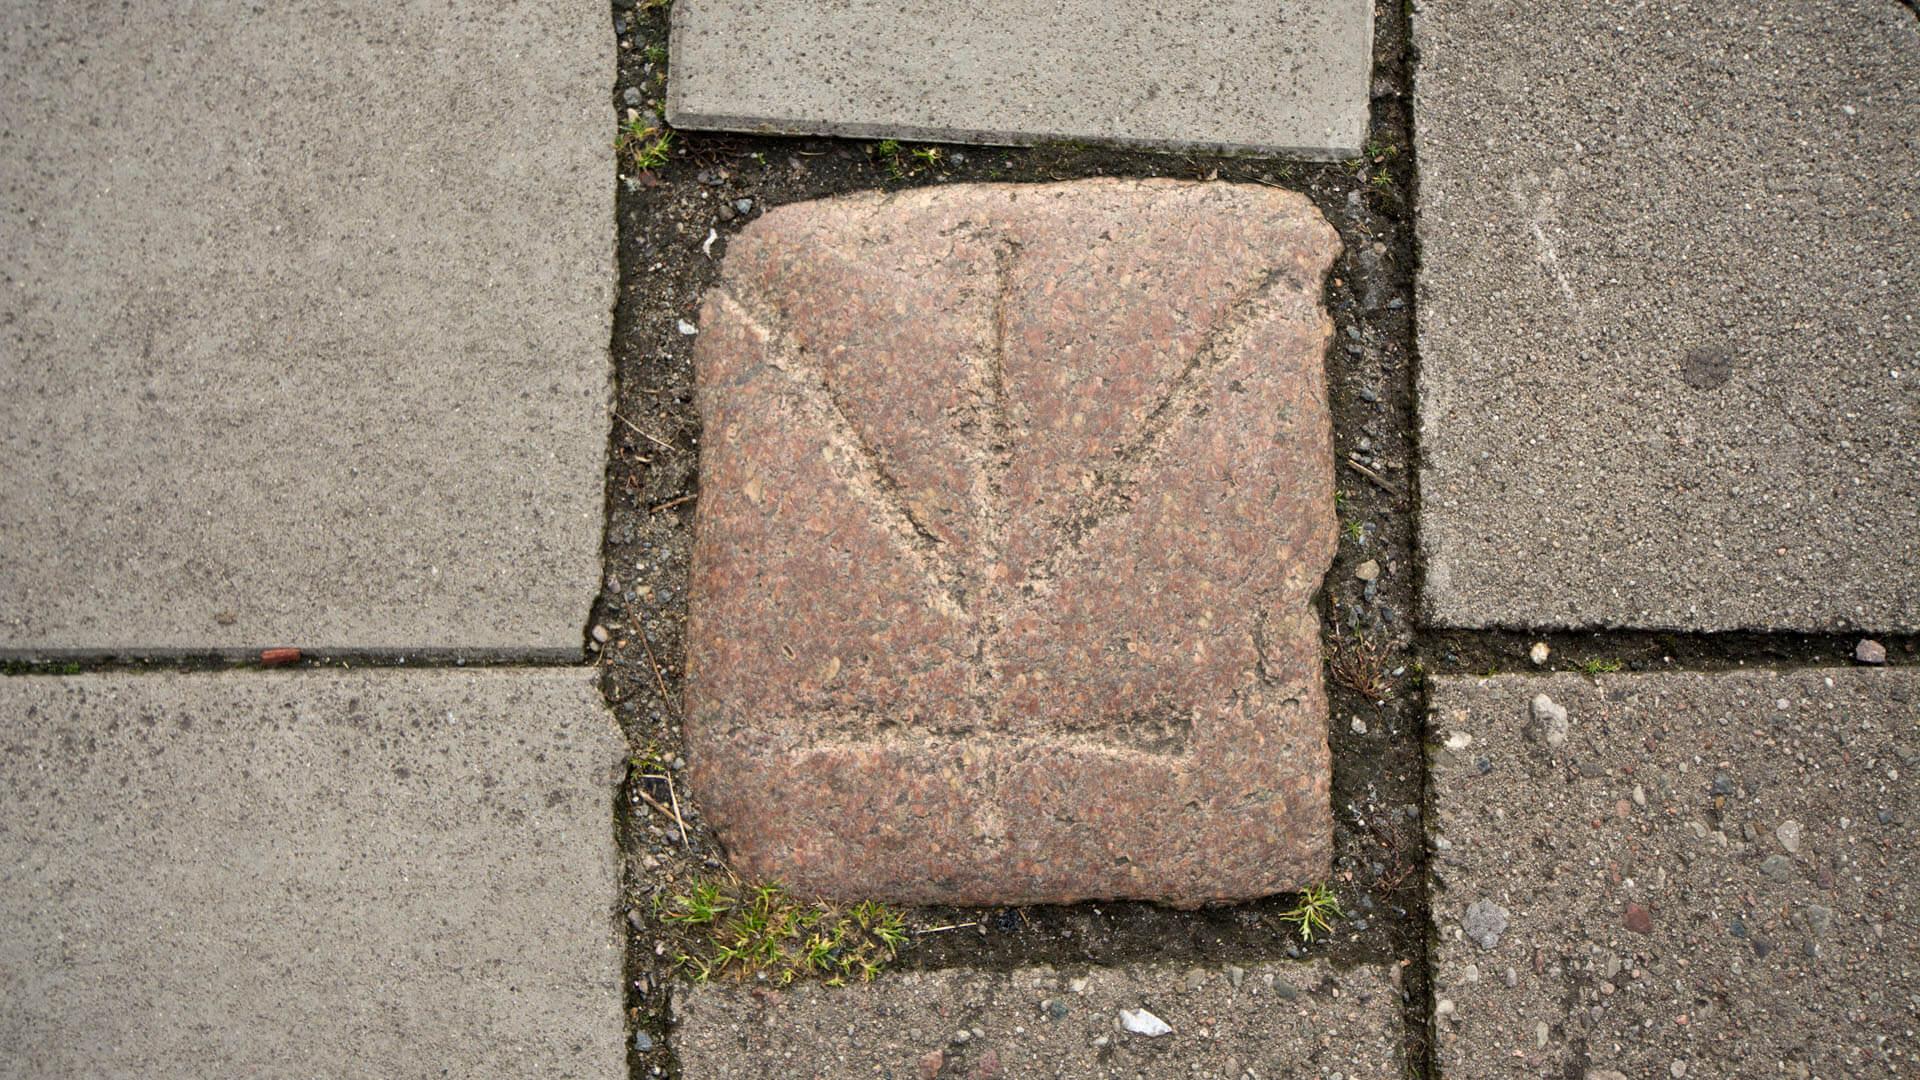 Erinnerung an das Sühnekreuz auf dem Neuen Markt.